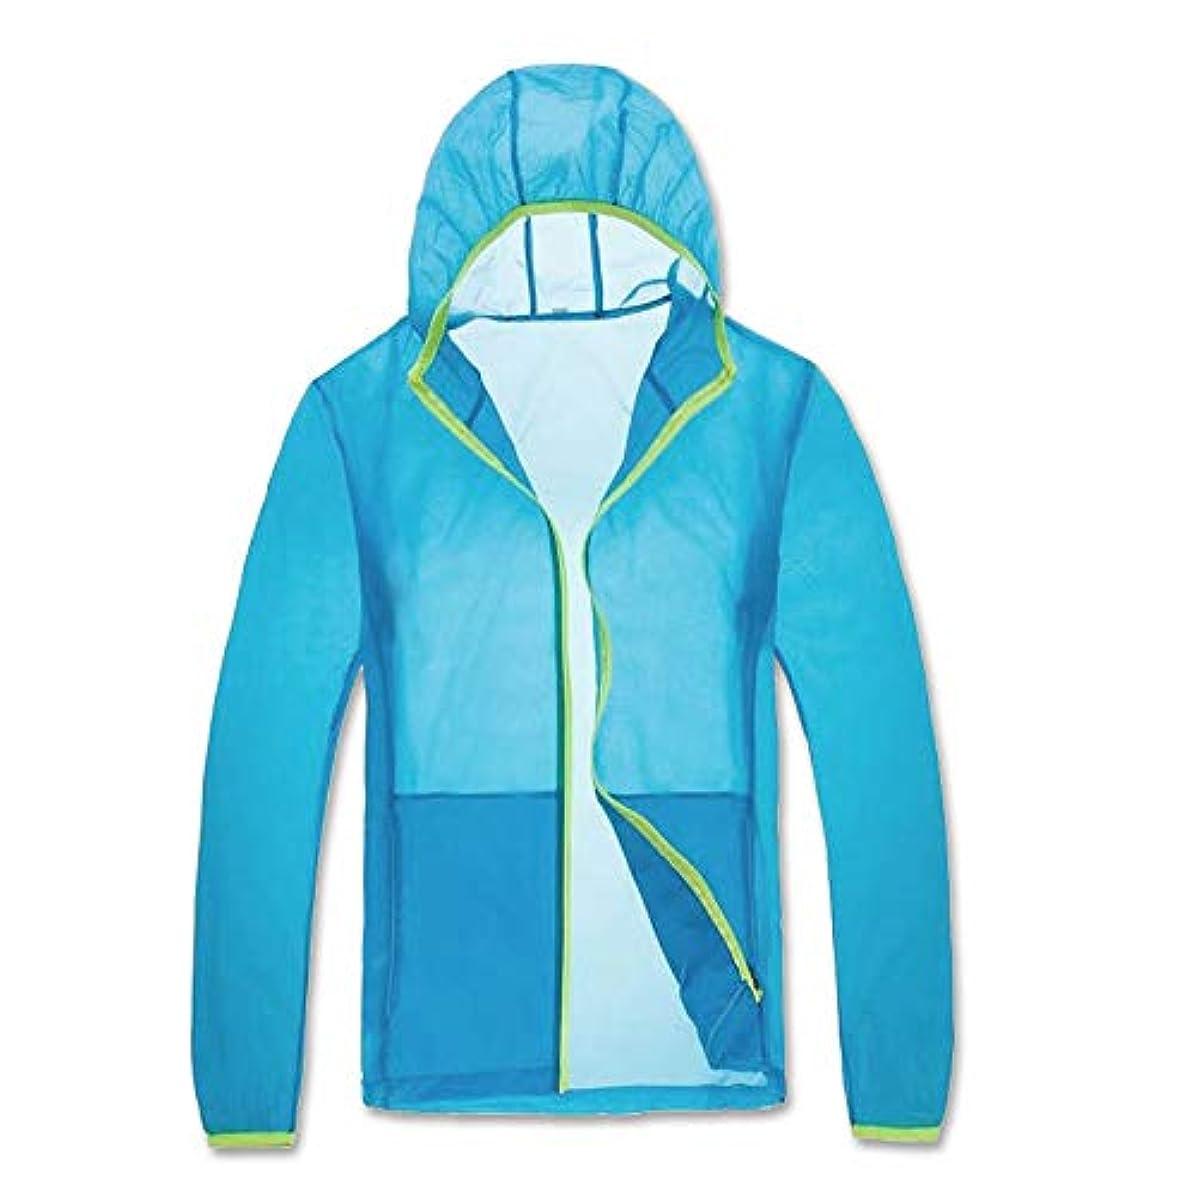 溢れんばかりの見えない暫定の夏のエアコン衣類ファン冷却衣服冷却ジャケット日焼け止め防蚊防水ジャケットスキンコート,Blue,L